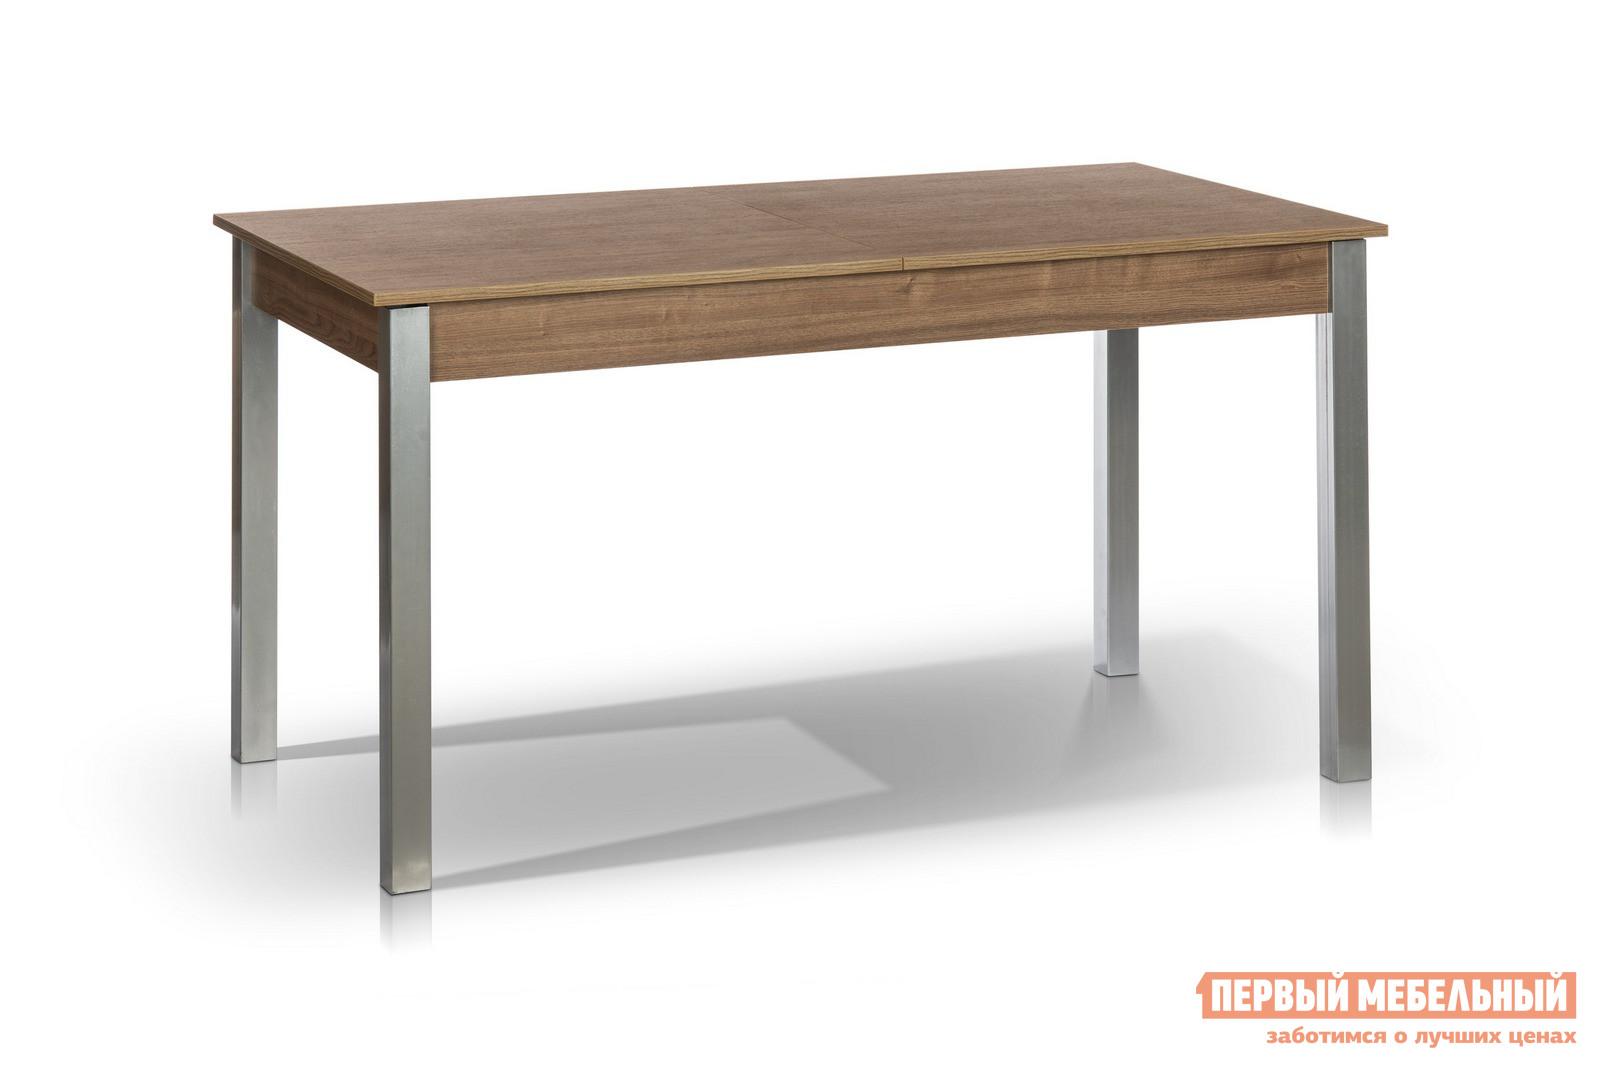 Кухонный стол МегаЭлатон Лугано Каштан минскКухонные столы<br>Габаритные размеры ВхШхГ 750x1340 / 1740x750 мм. Если вы ищите особенный обеденный стол на кухню, то данная модель идеально вам подходит.  Стол раскладывается, поэтому вы становитесь обладателем сразу двух изделий: компактного кухонного стола и большого обеденного. Размер столешницы в собранном виде (ШхГ): 1340 х 750 мм;Размер столешницы в разложенном виде (ШхГ): 1740 х 750 мм;Металлические ножки выполнены из профильной стальной трубы размером 50 х 50 мм.  Каркас столешницы изготовлен из ЛДСП толщиной 16 мм и МДФ толщиной 18 мм.  Торцевые части облицованы противоударной пленкой ПВХ толщиной 2 мм.  Модель оснащена шариковым механизмом благодаря которому столешница легко и быстро раздвигается.<br><br>Цвет: Коричневое дерево<br>Высота мм: 750<br>Ширина мм: 1340 / 1740<br>Глубина мм: 750<br>Кол-во упаковок: 1<br>Форма поставки: В разобранном виде<br>Срок гарантии: 12 месяцев<br>Тип: Раздвижные<br>Тип: Трансформер<br>Материал: Дерево<br>Материал: ЛДСП<br>Материал: МДФ<br>Форма: Прямоугольные<br>Размер: Большие<br>С металлическими ножками: Да